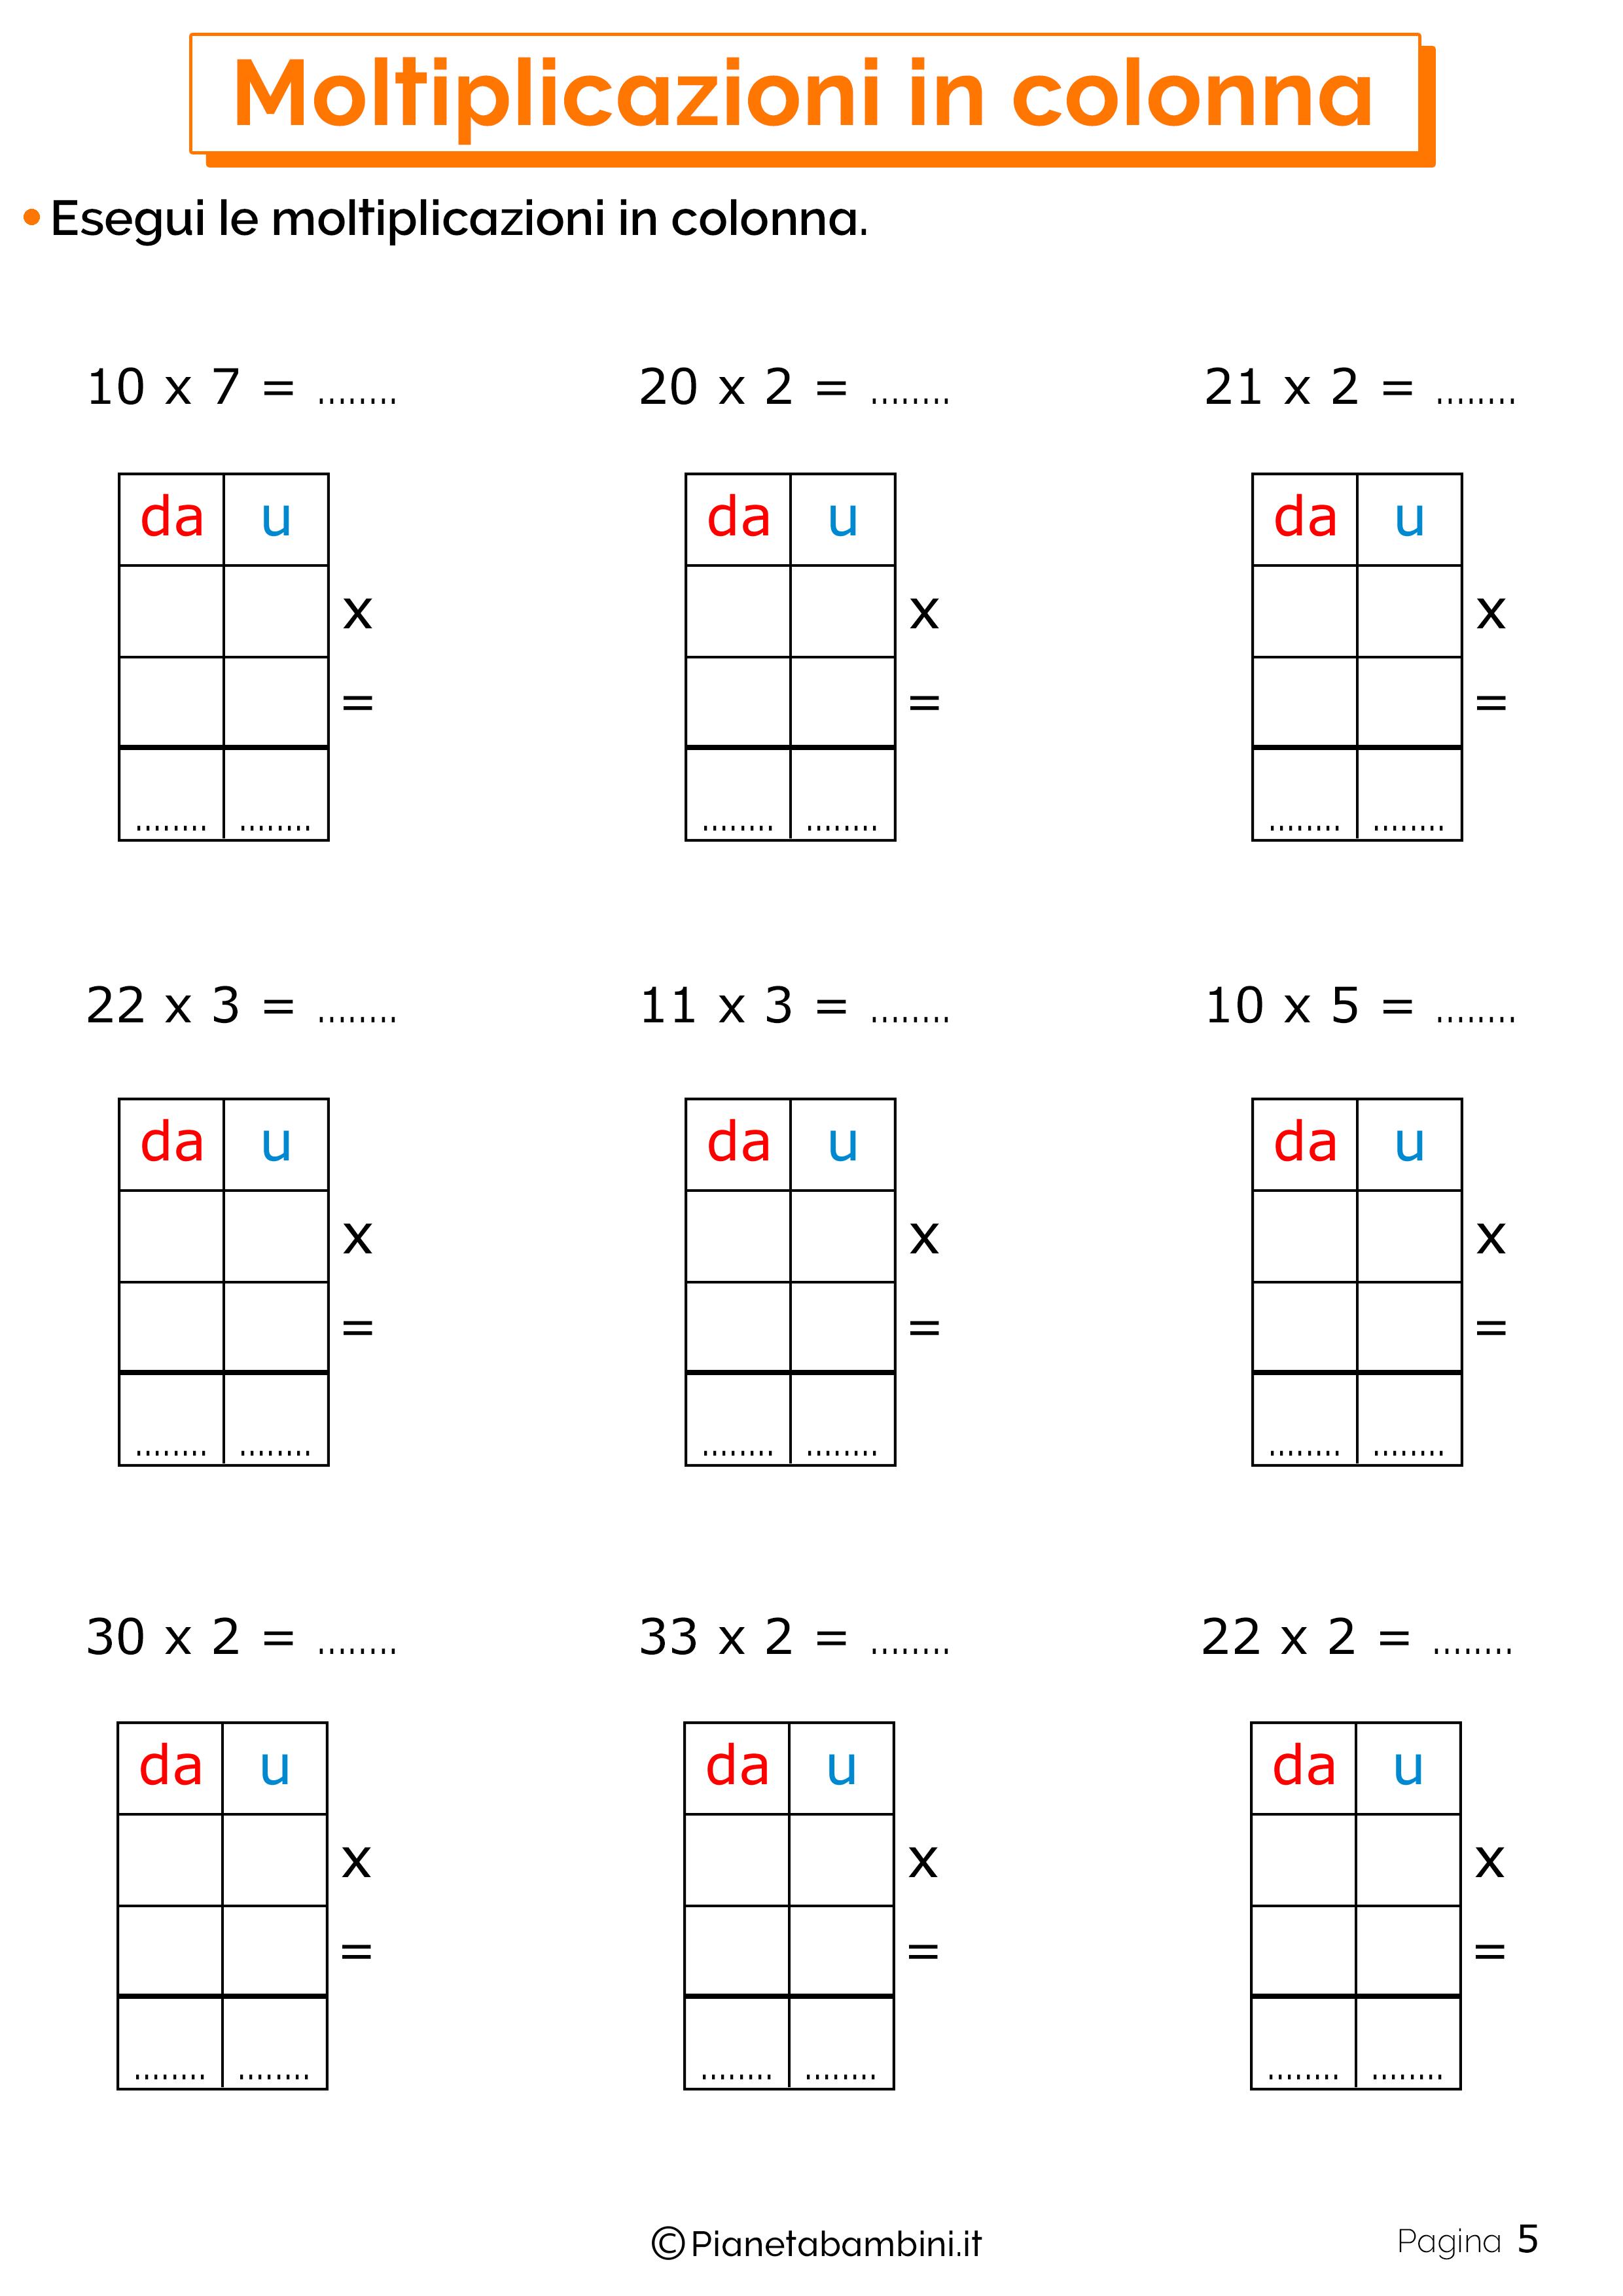 Schede didattiche sulle moltiplicazioni in colonna 5